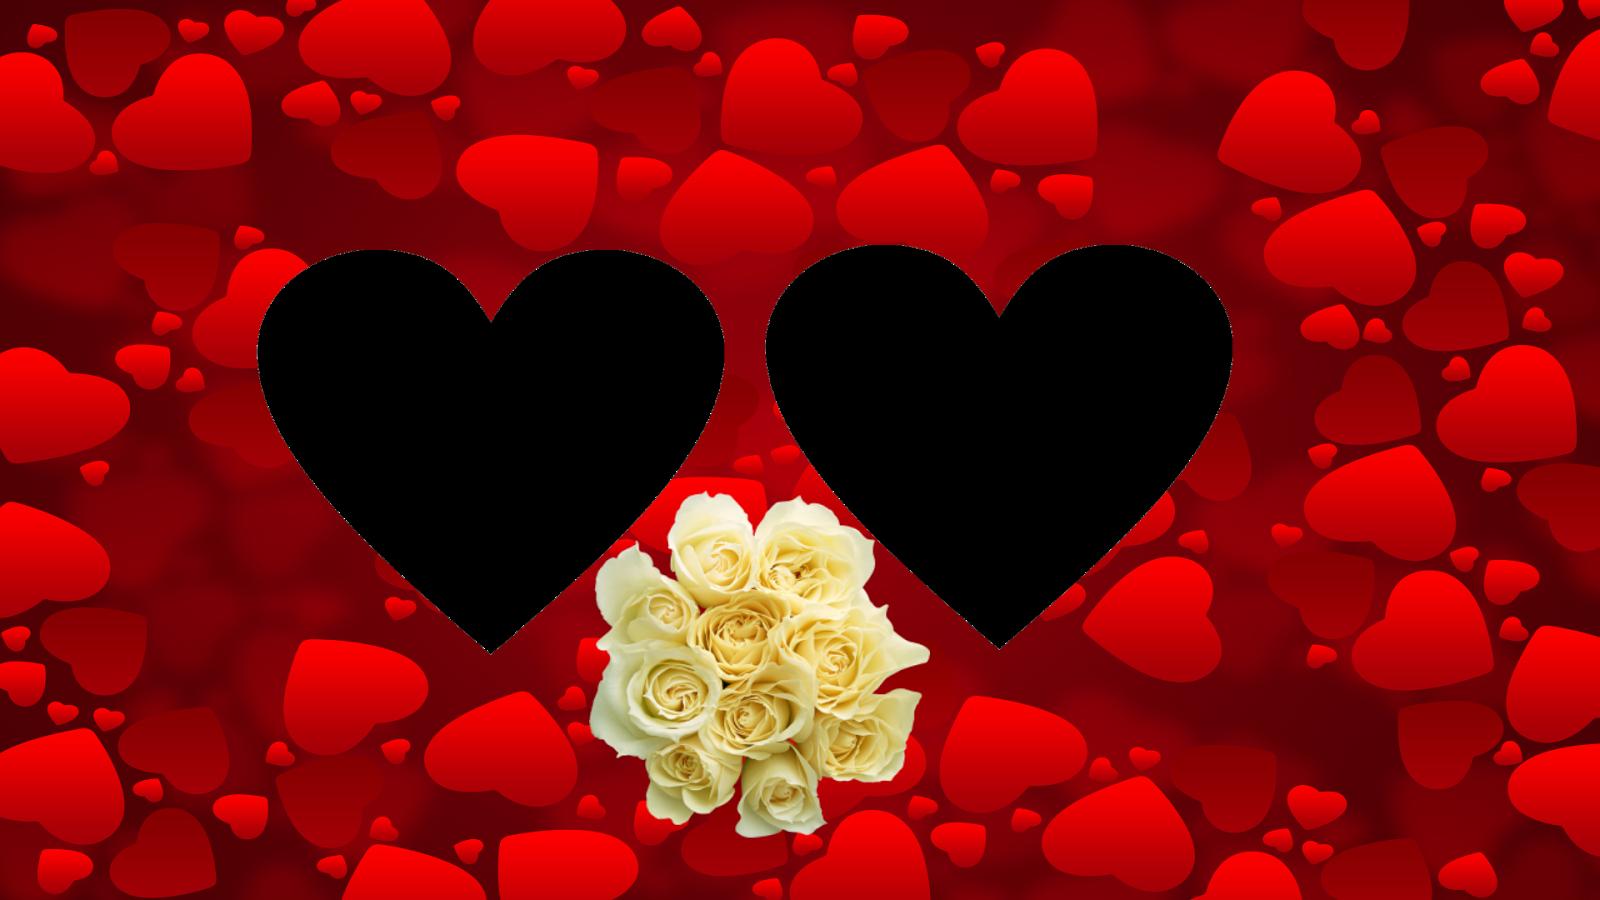 Fotos De Namorados: Molduras Dia Dos Namorados Para 2 Fotos